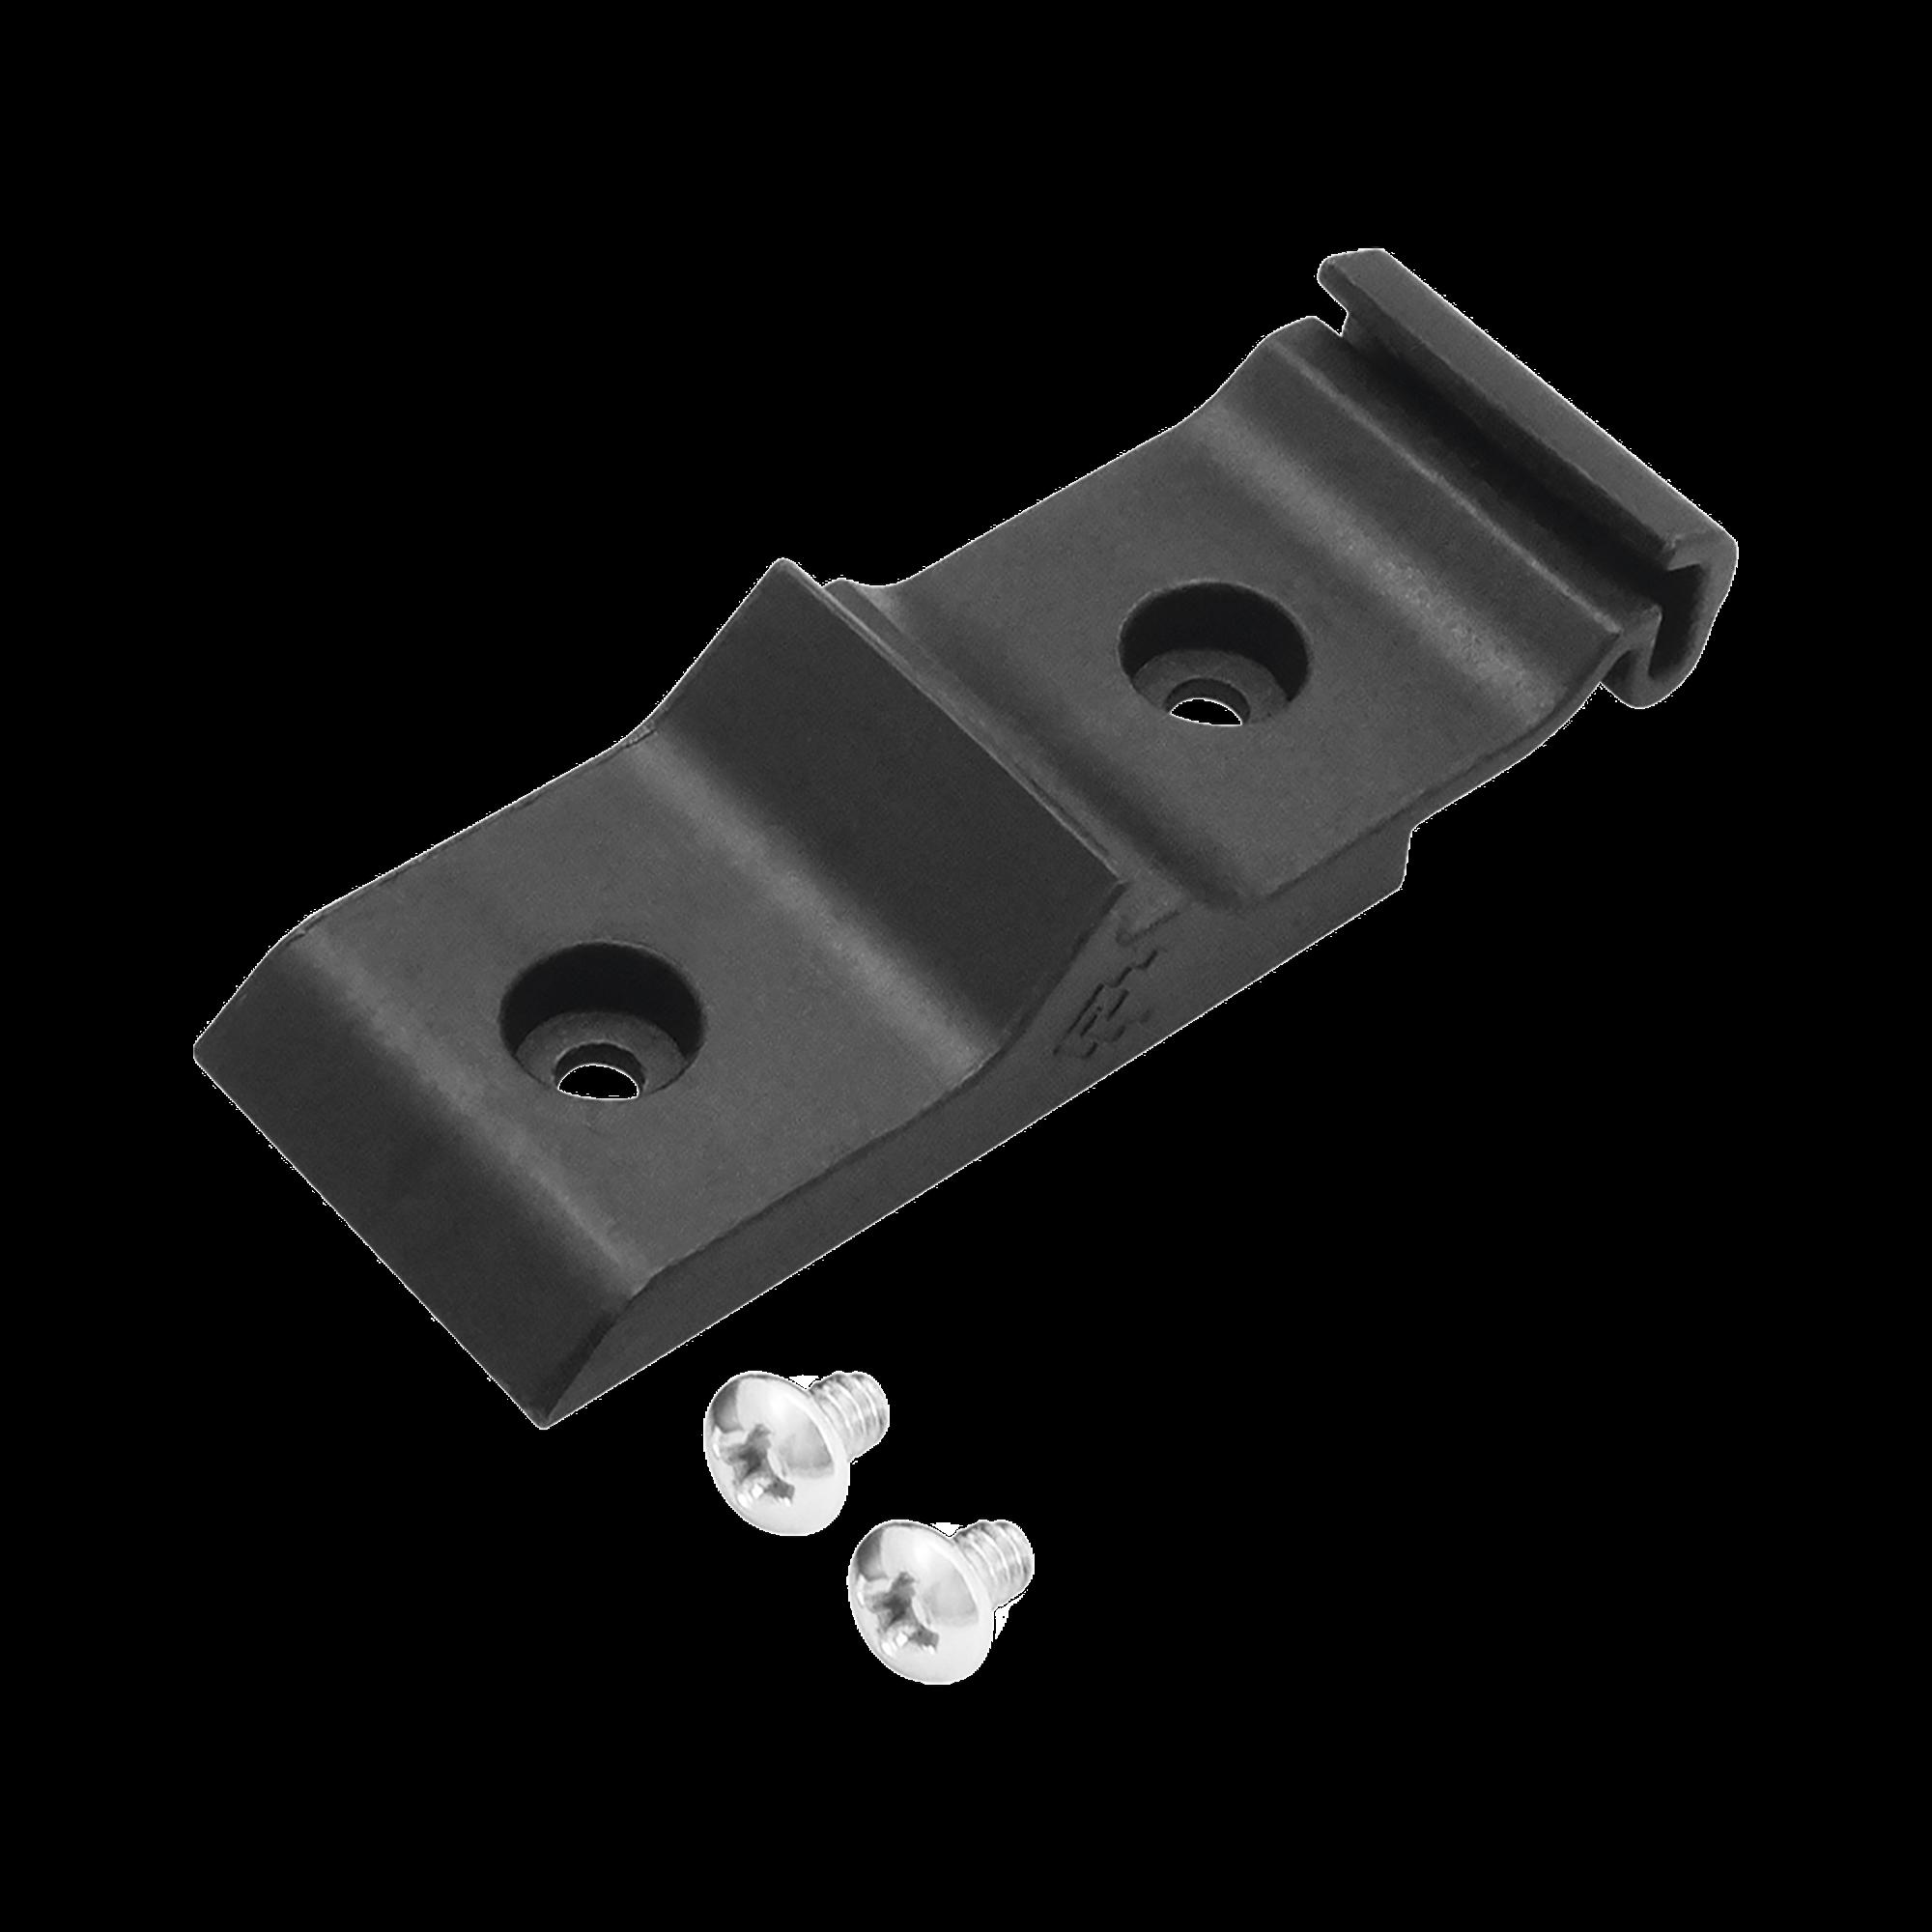 Montaje compacto de Riel DIN, para equipos Teltonika